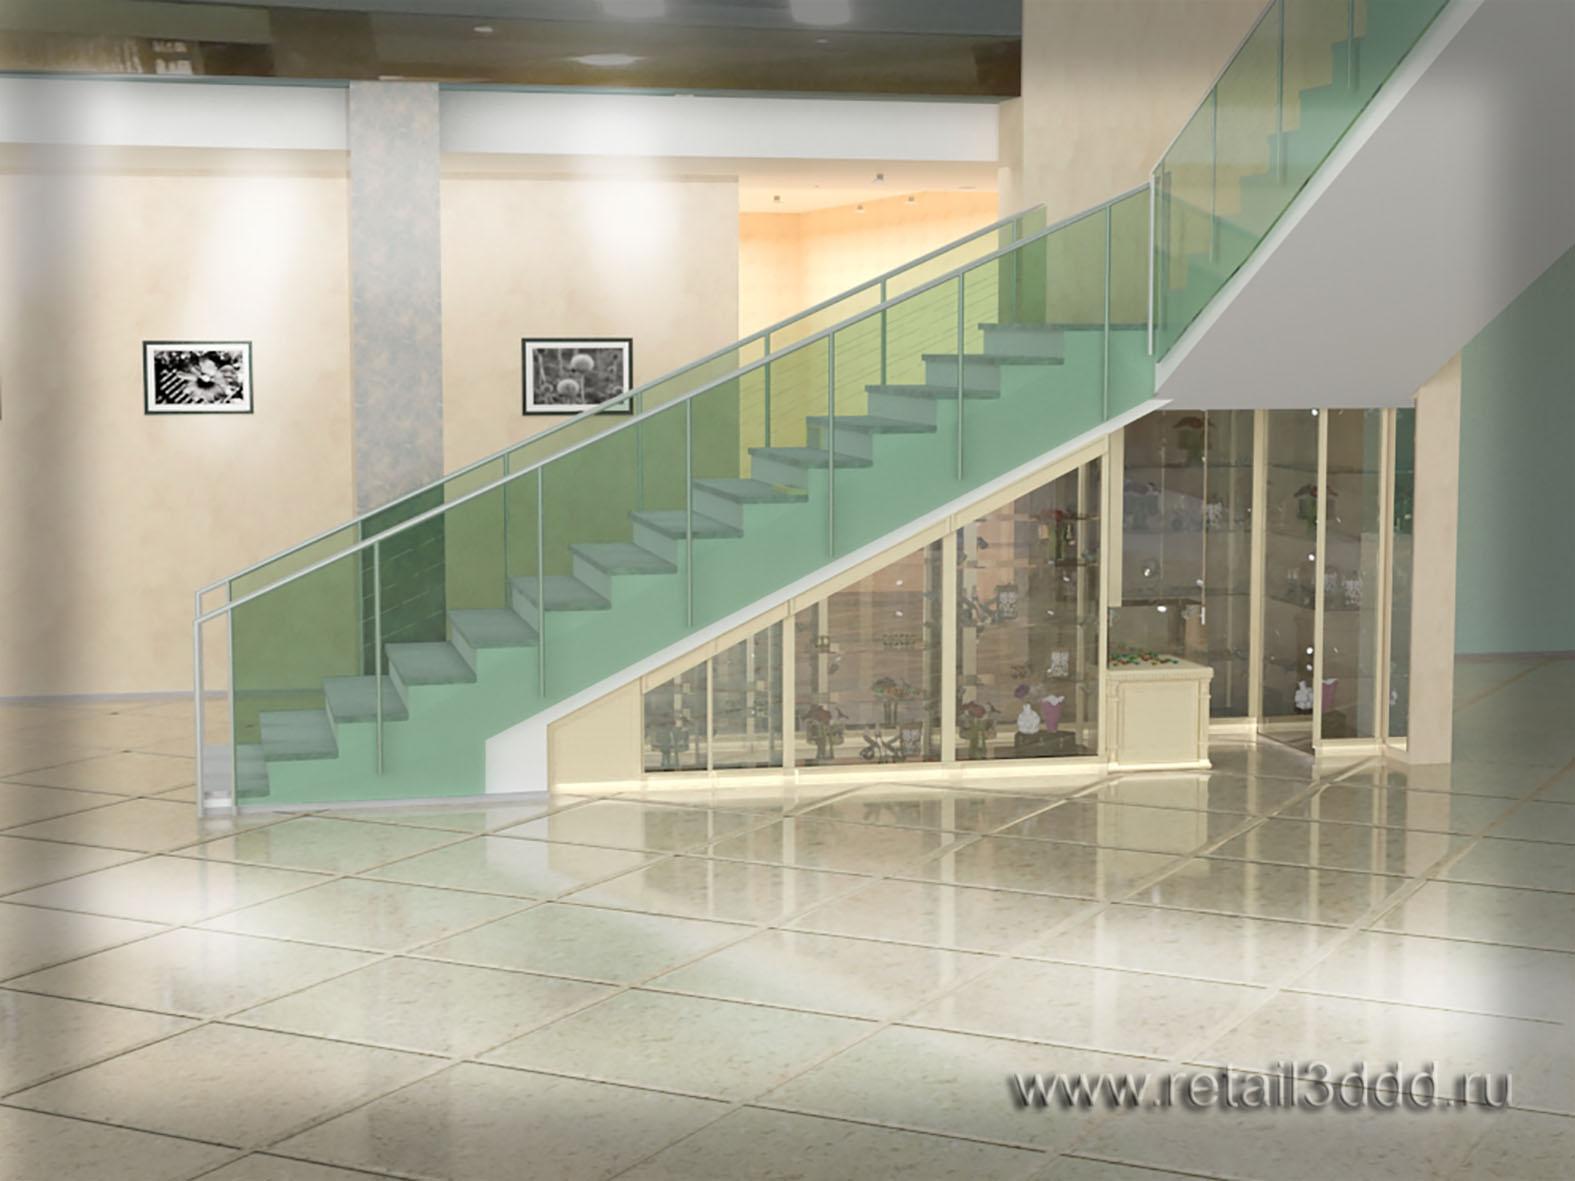 Визуализация павильона по продаже сувениров и бижутерии для ТЦ.